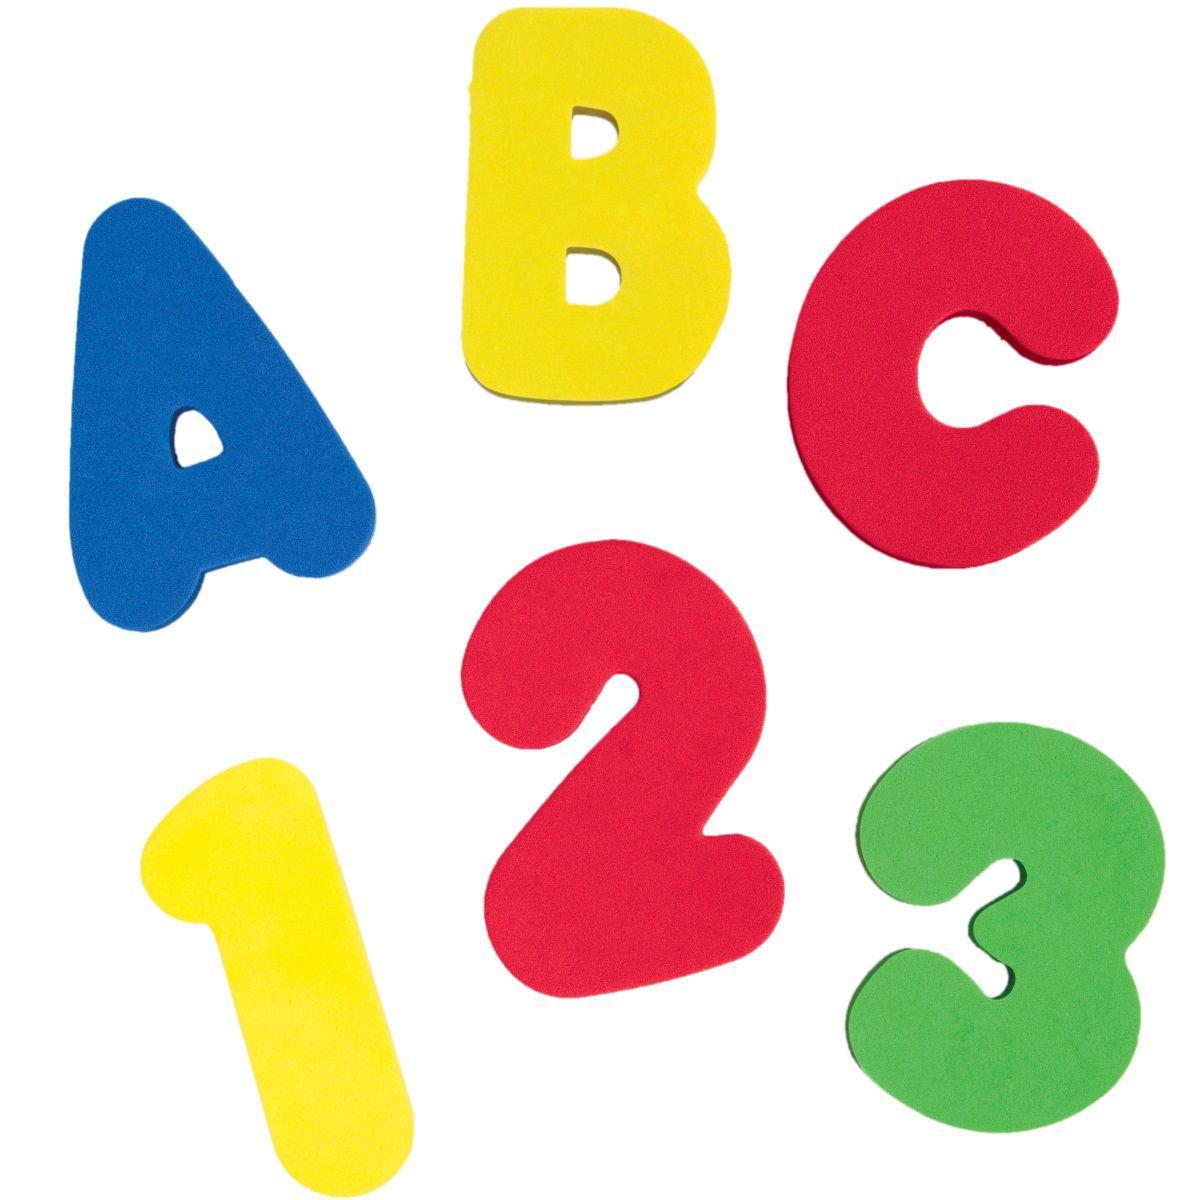 Brinquedo para Banho Letras e Números com 36 peças Buba